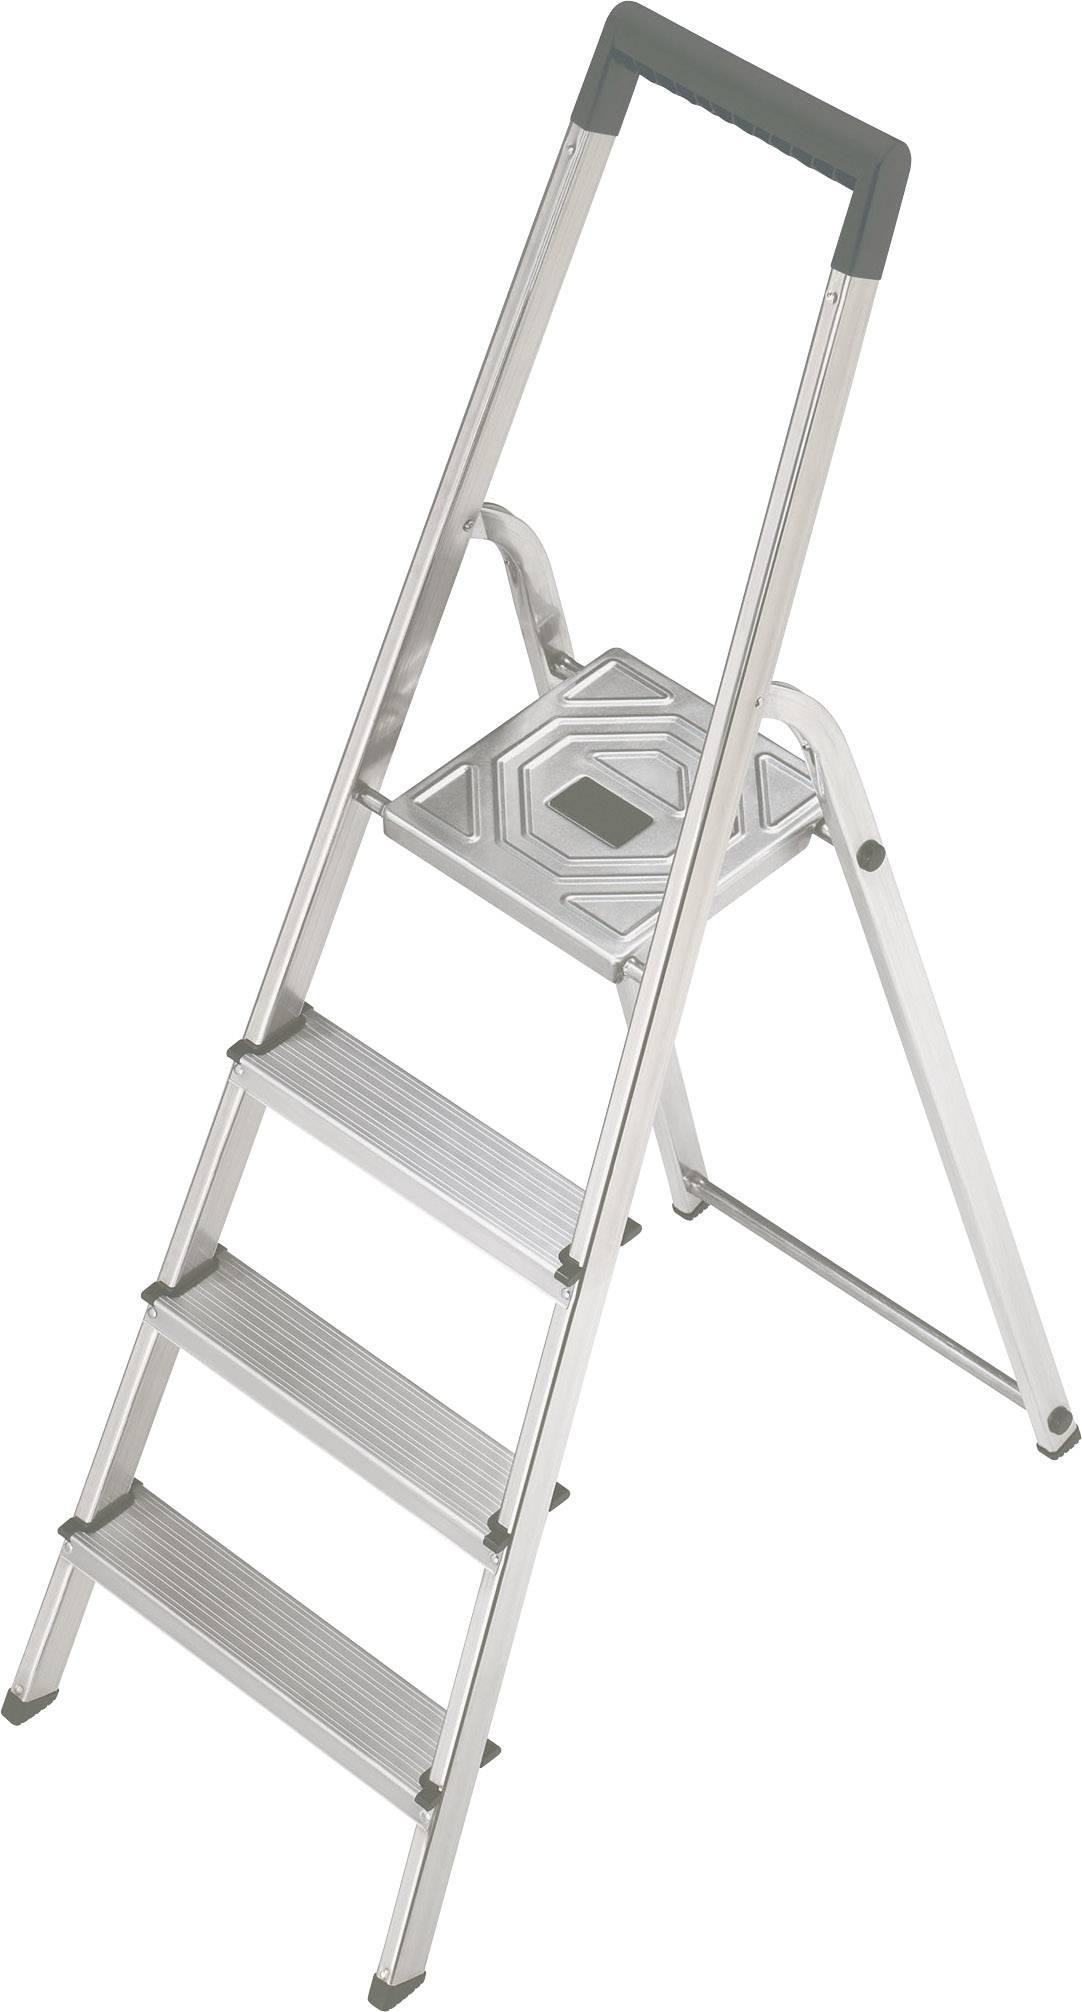 Štafle Hailo S 150 8924-321 max.prac. výška: 2.6 m, hliník, stříbrná